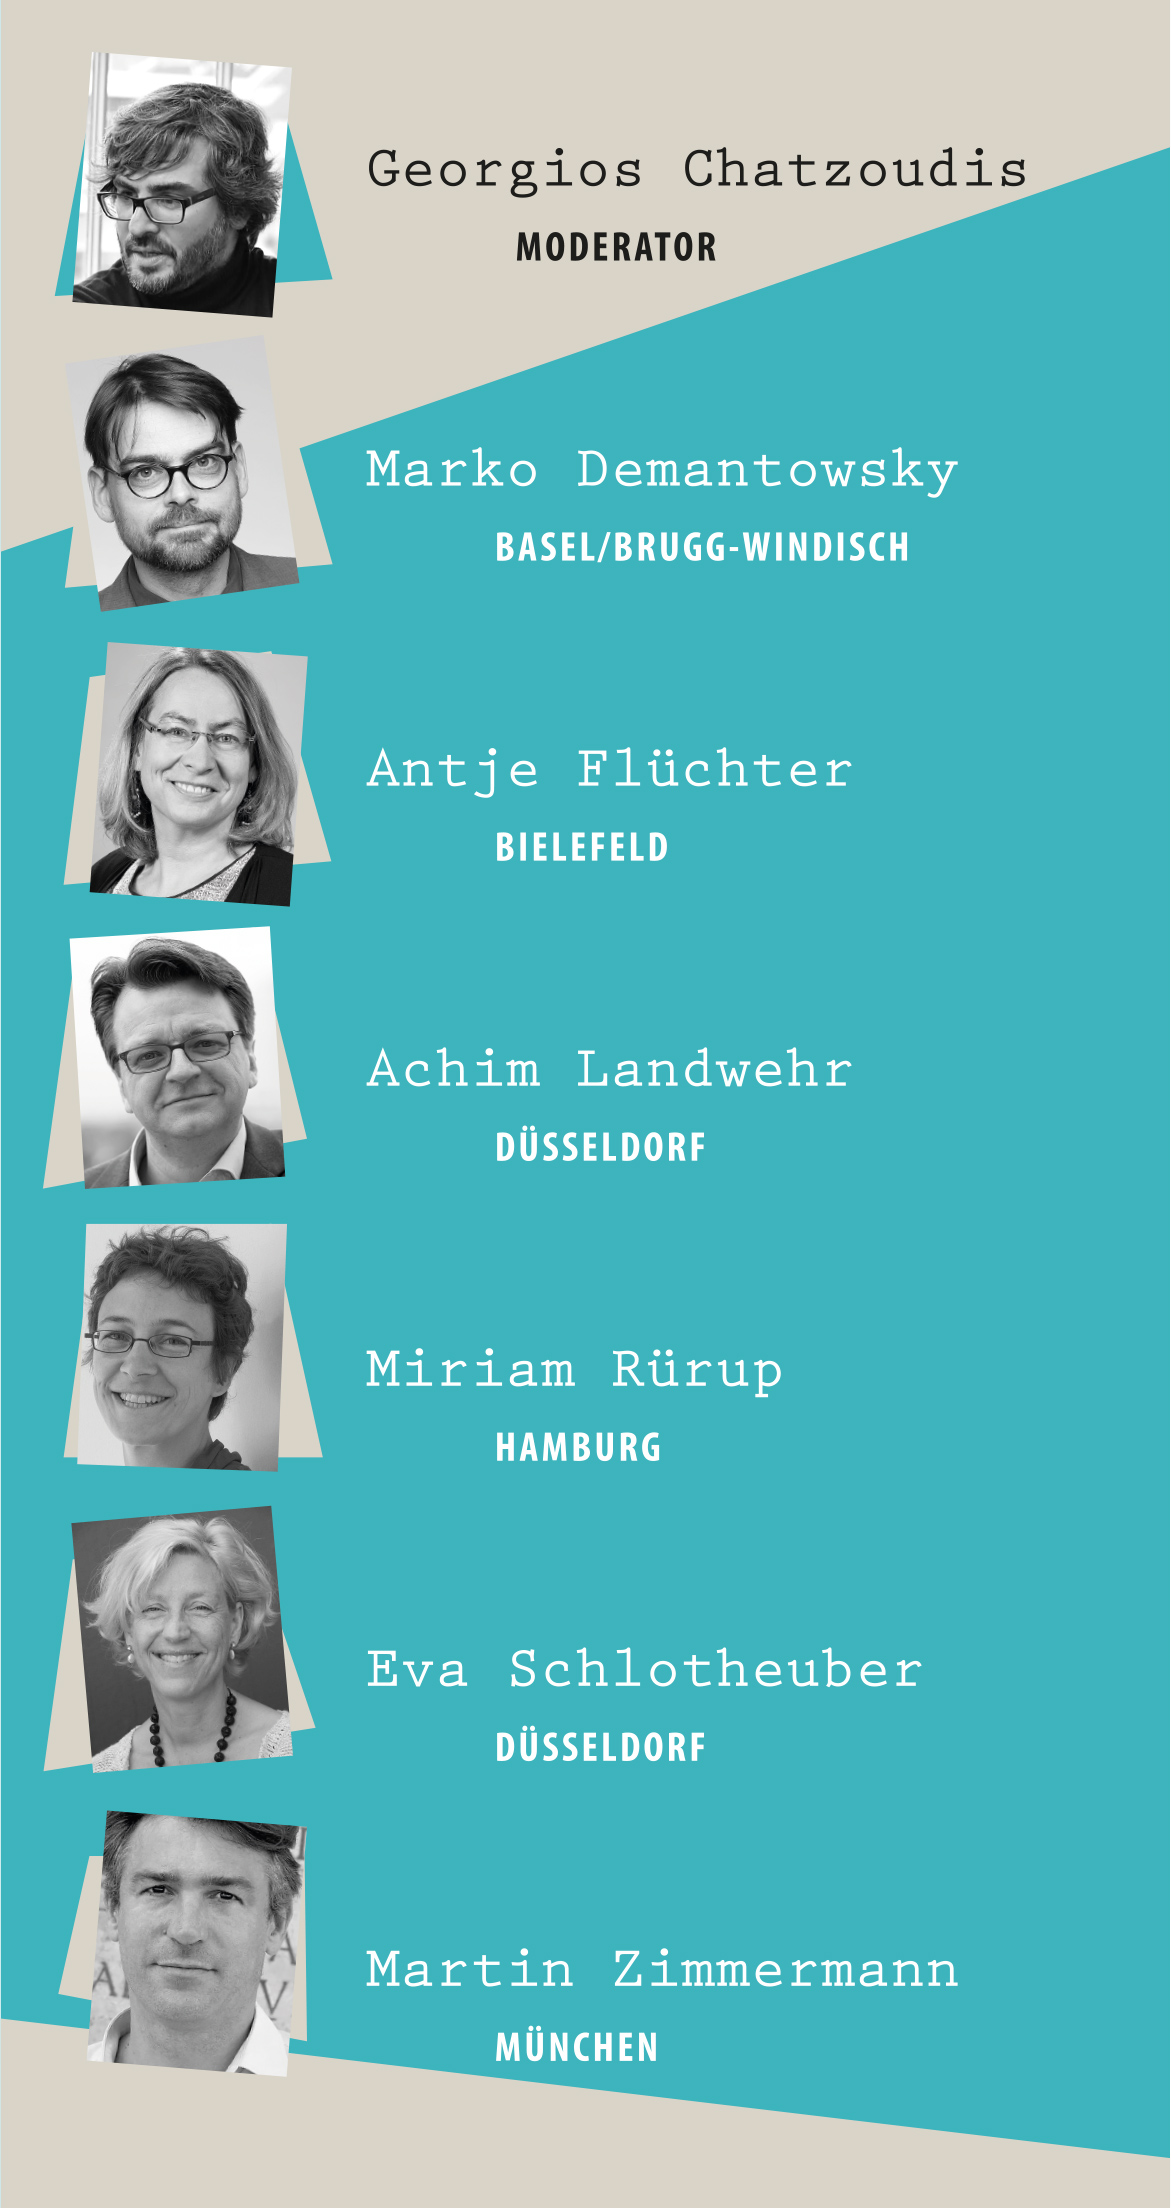 Georgios Chatzoudis, Moderator - Marko Demantowsky, Basel/Brugg-Windisch - Antje Flüchter, Bielefeld - Achim Landwehr, Düsseldorf - Miriam Rürup, Hamburg - Eva Schlotheuber, Düsseldorf - Martin Zimmermann, München